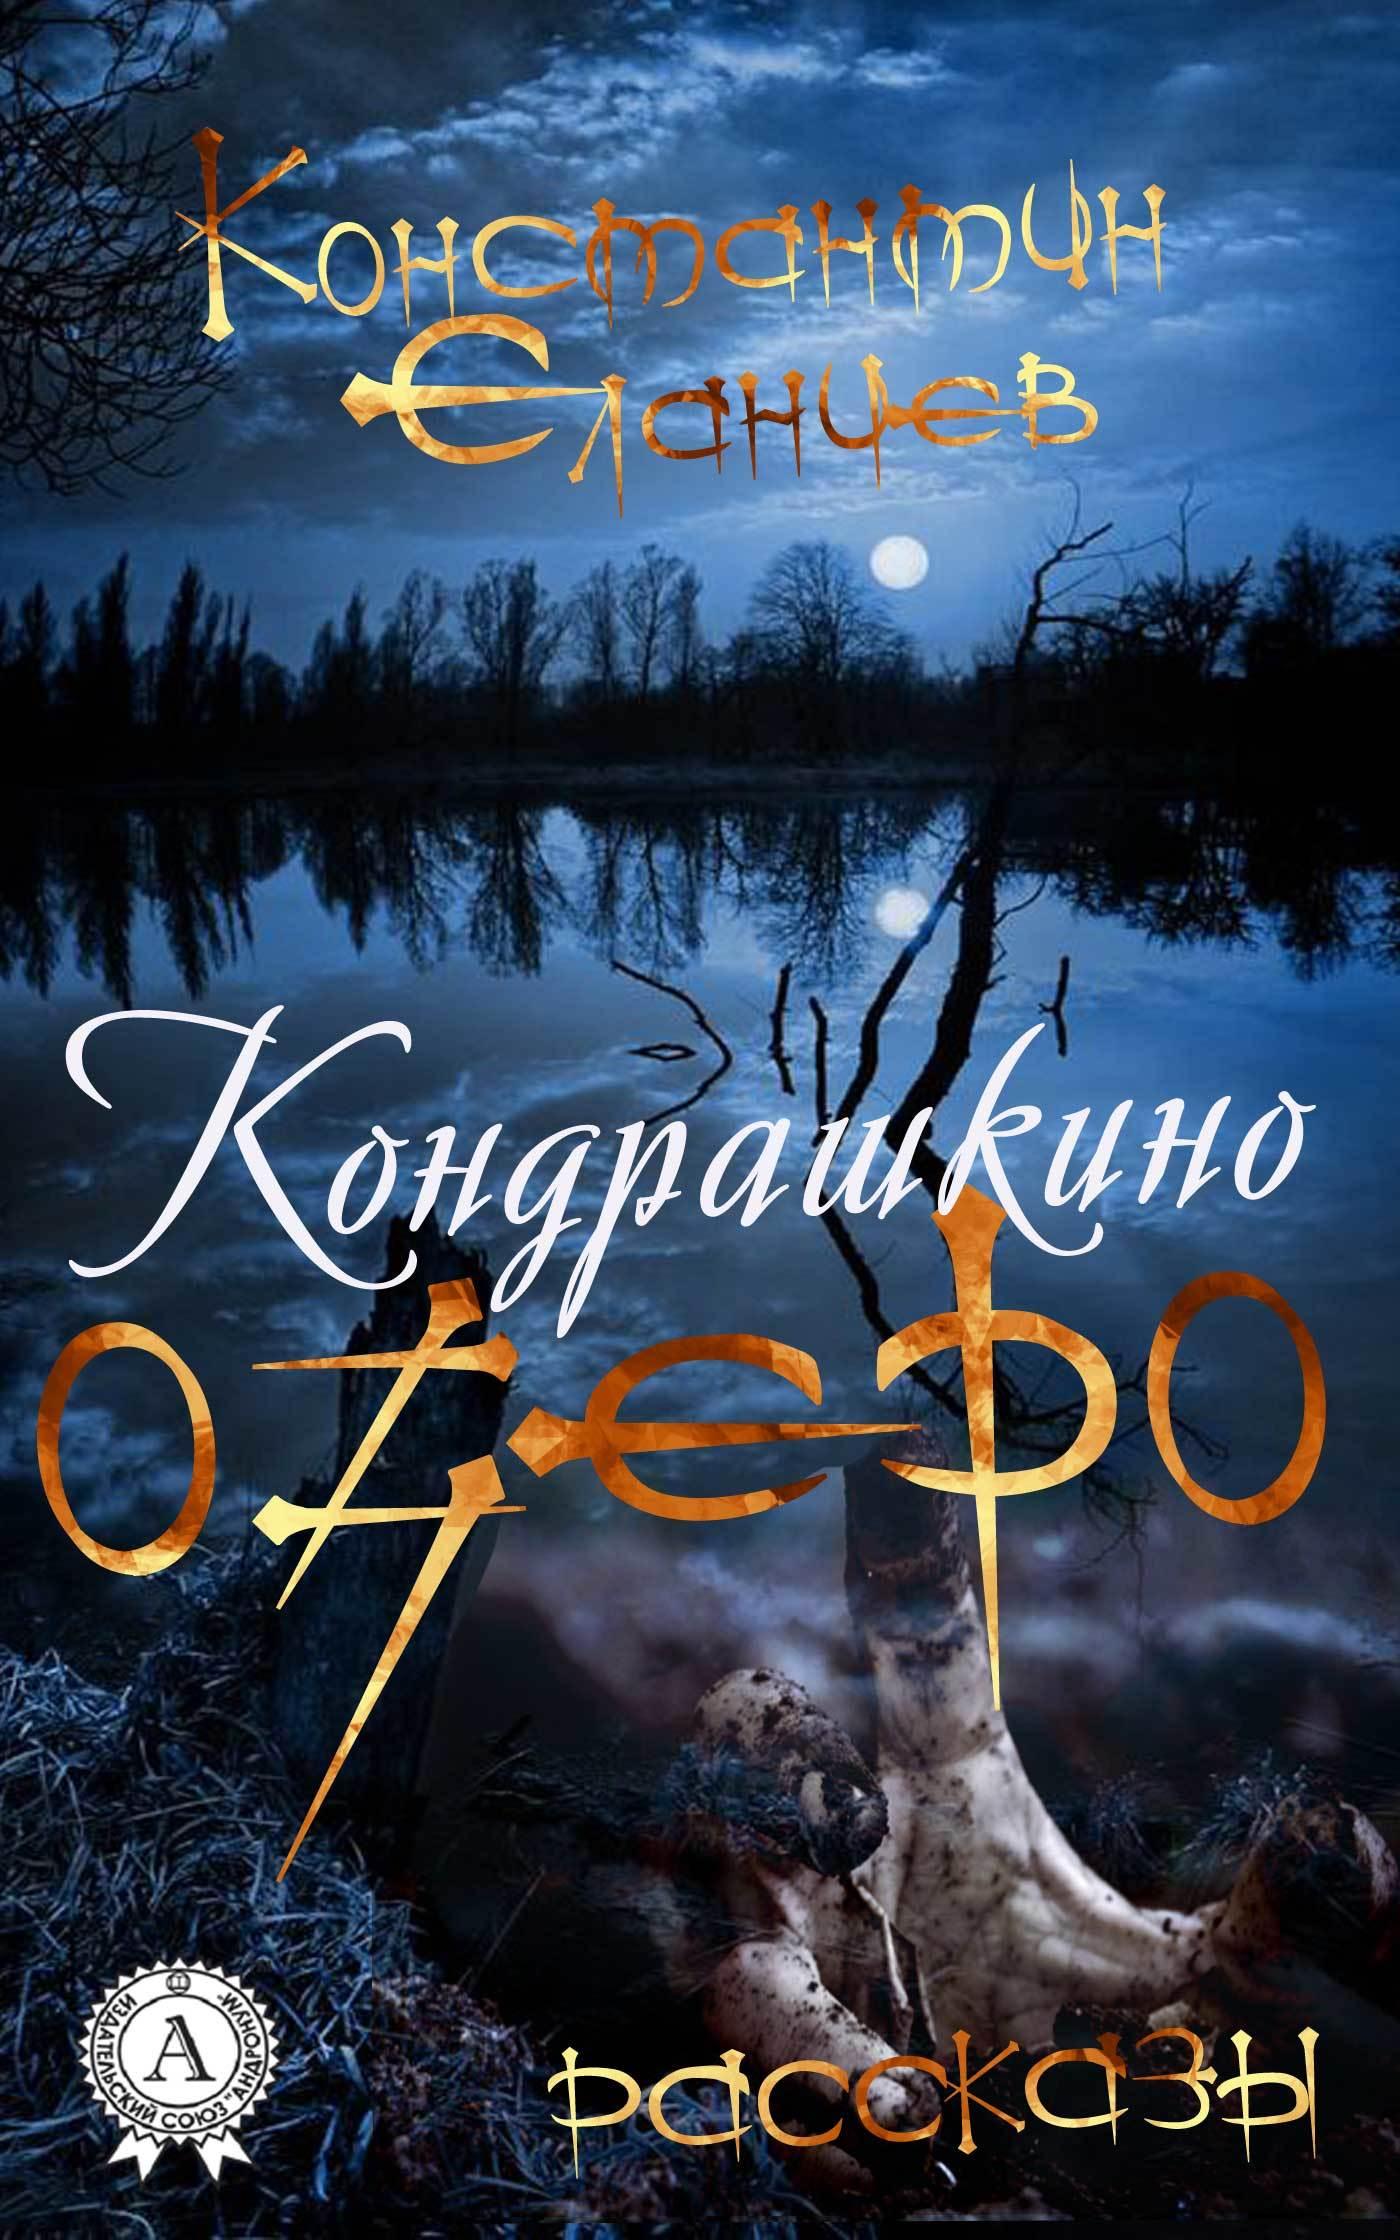 Константин Еланцев - Кондрашкино озеро